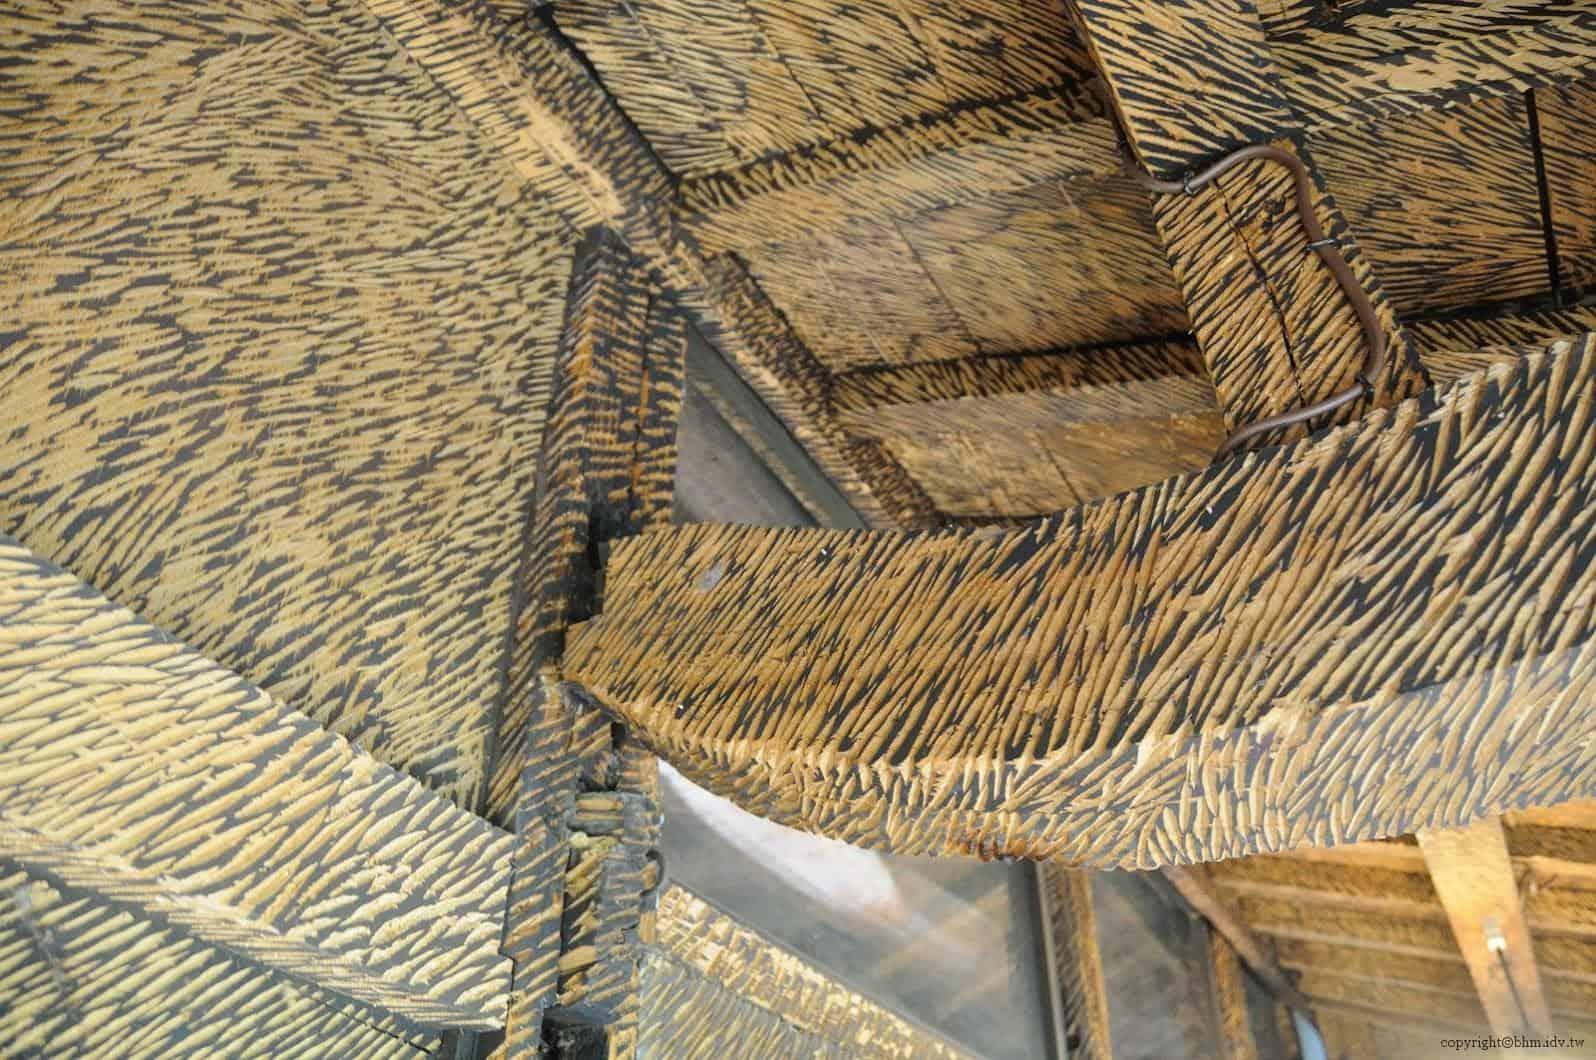 鞍掛純一+日本藝術大學雕刻組志工,脫皮之家,內部由於長年仰賴地火爐與爐灶生活,內牆全都被燻黑。透過彫刻後顯示出木頭原色,近看屋樑時可看得出每刀的下筆力道 活化空屋 活化空屋 sheding house 03